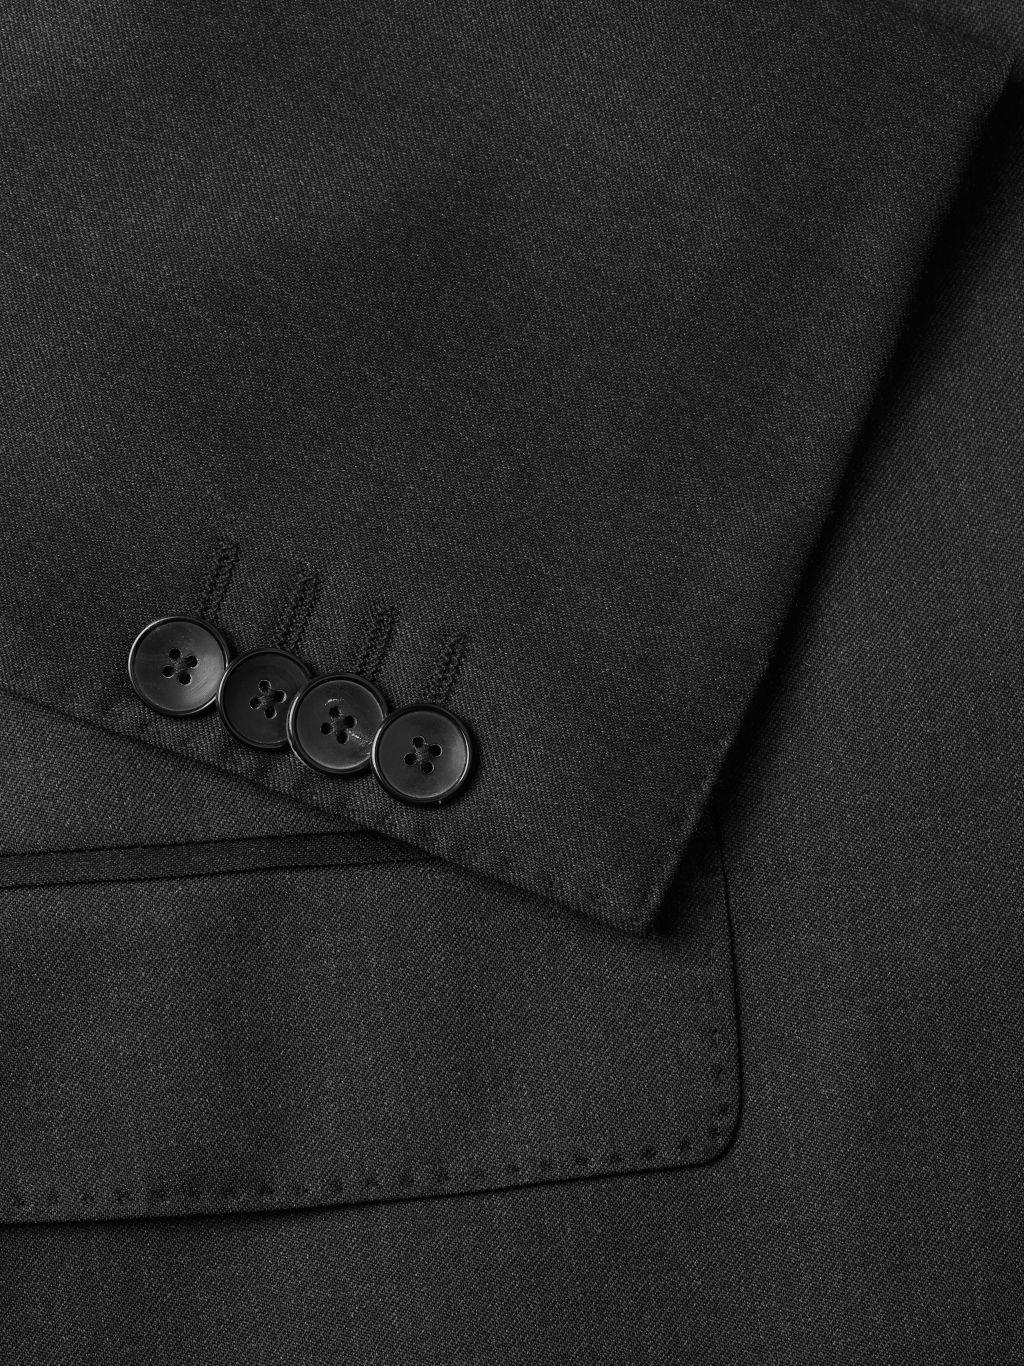 Boss Hugo Boss Regular Fit Johnstons Lenon Virgin Wool Suit